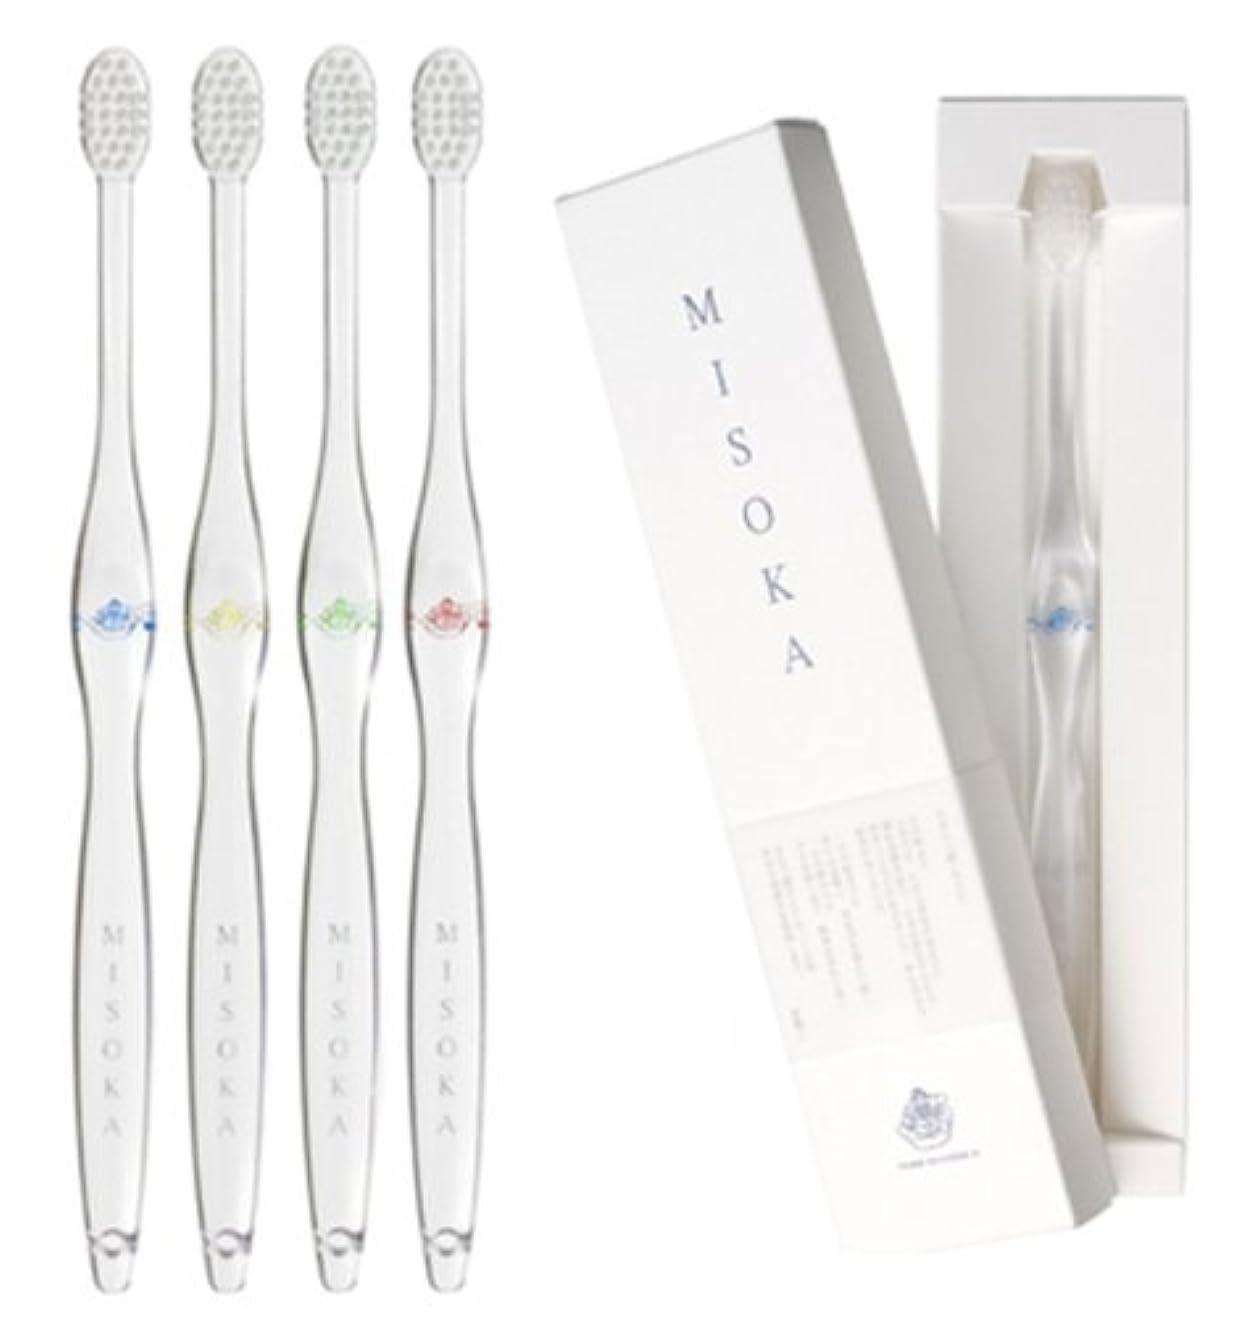 凍結想像する主人MISOKA 夢職人 魔法の歯ブラシ / M普通サイズ4本 / ミネラルでできているから歯磨き粉不要! / 旅行に便利! / ナノテク